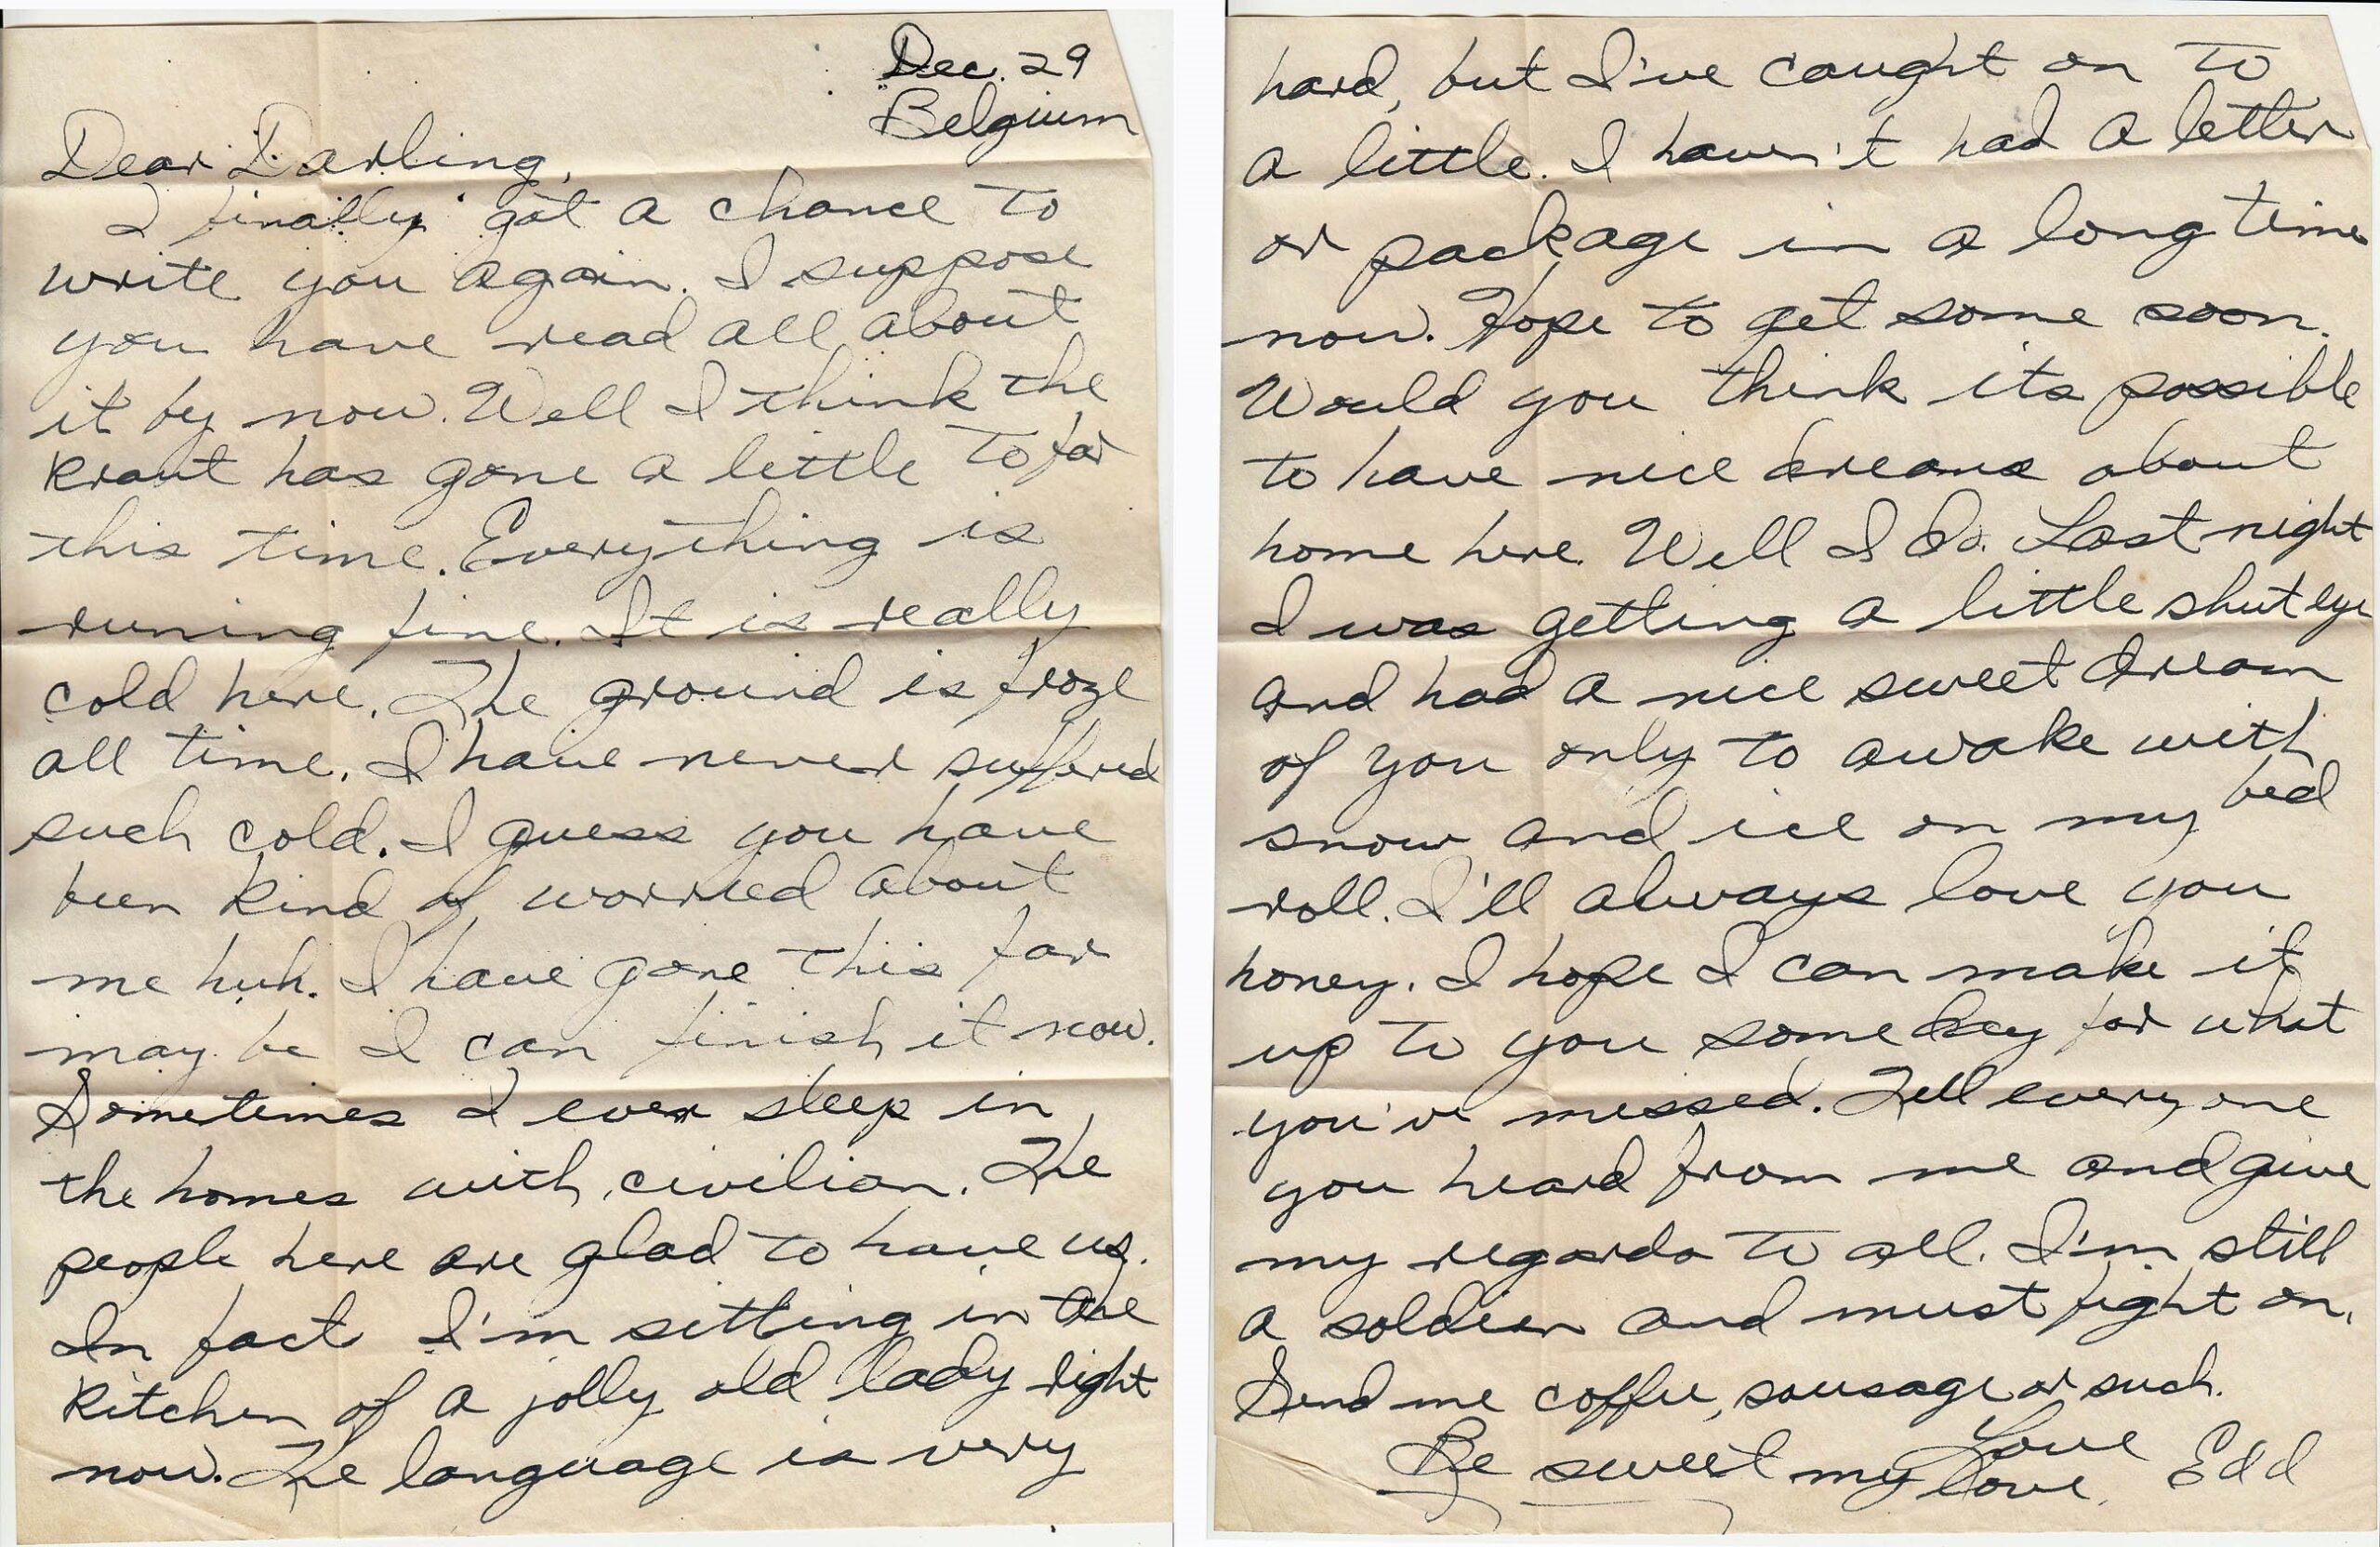 Letter 12.29.1944 (Courtesy Mark Hiett)